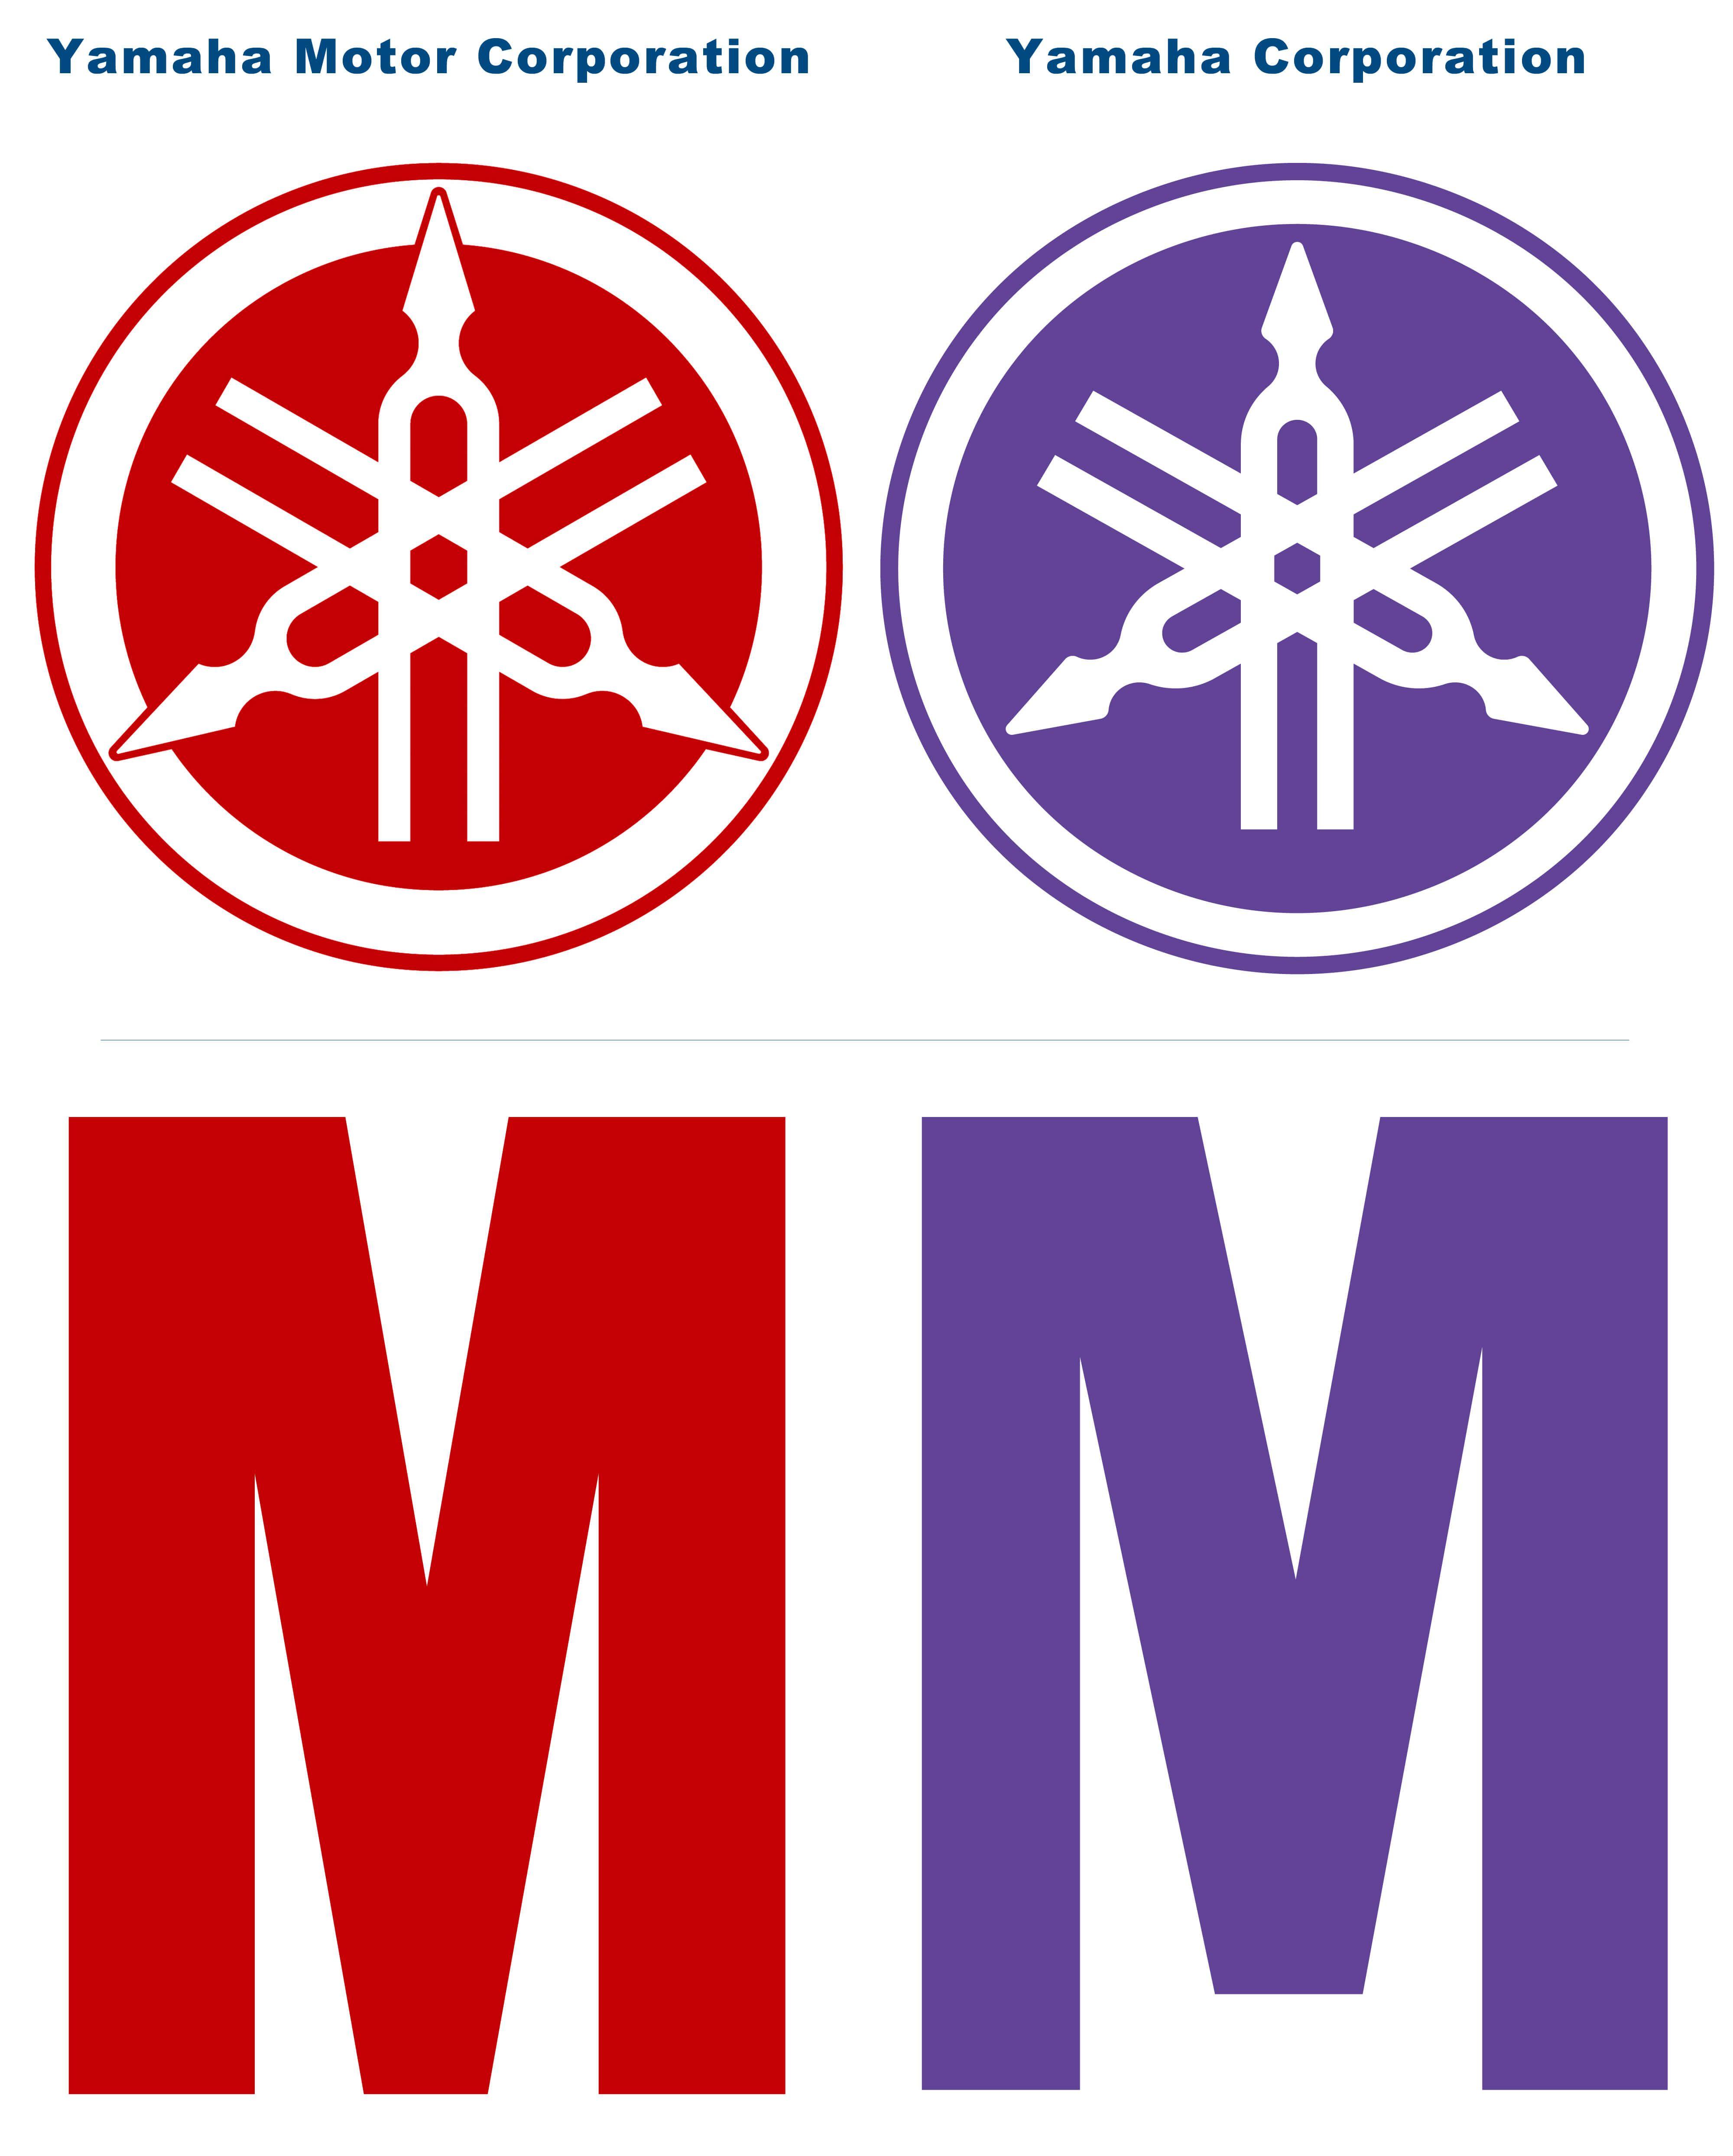 small resolution of yamaha emblems yamaha logo yamaha motorcycles motorcycle logo motor company yamaha motorbikes